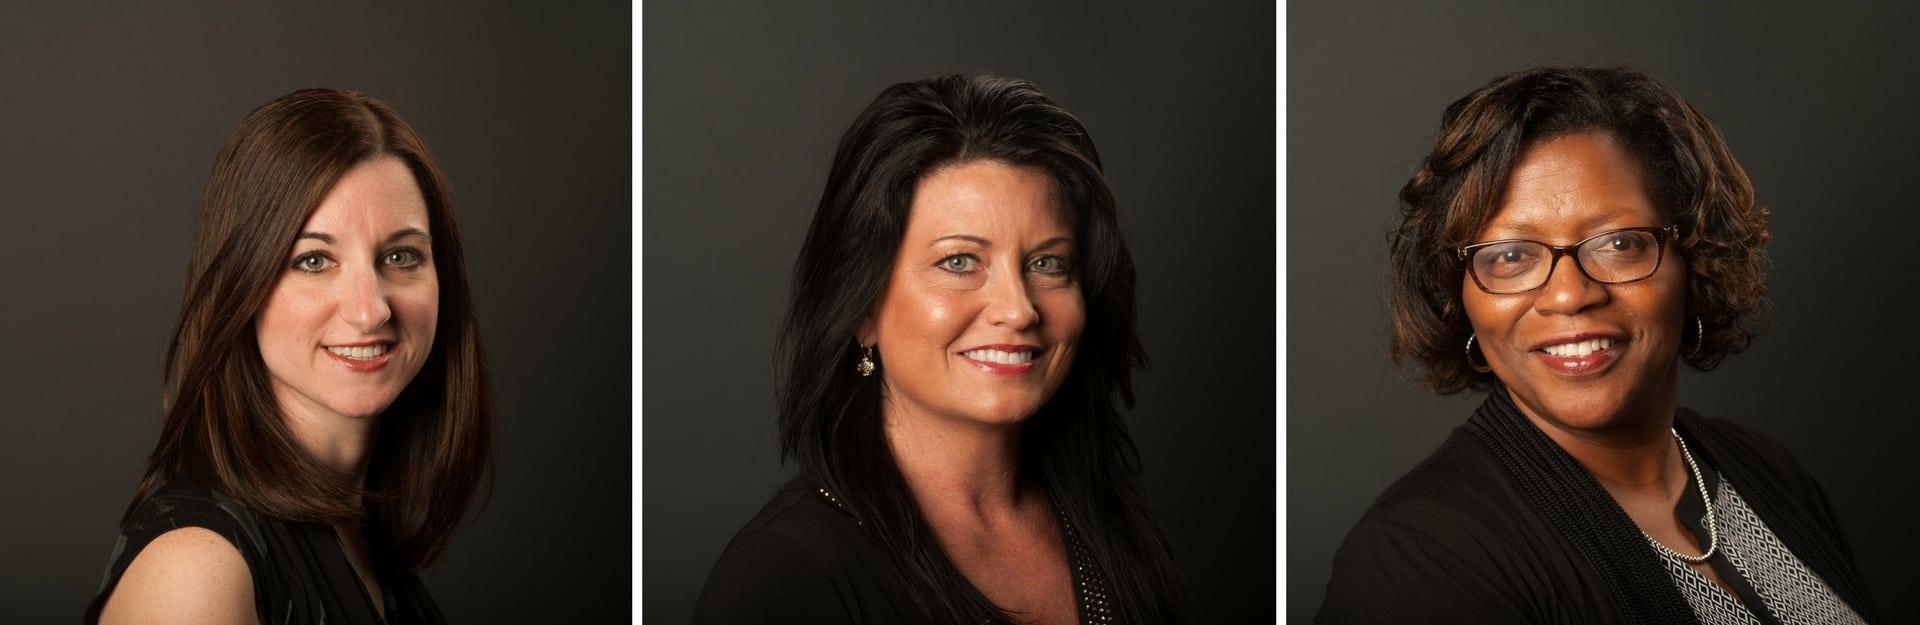 Headshots, Headshot Photography, Company Headshots, Corporate Headshot Photography, Headshot Photographer